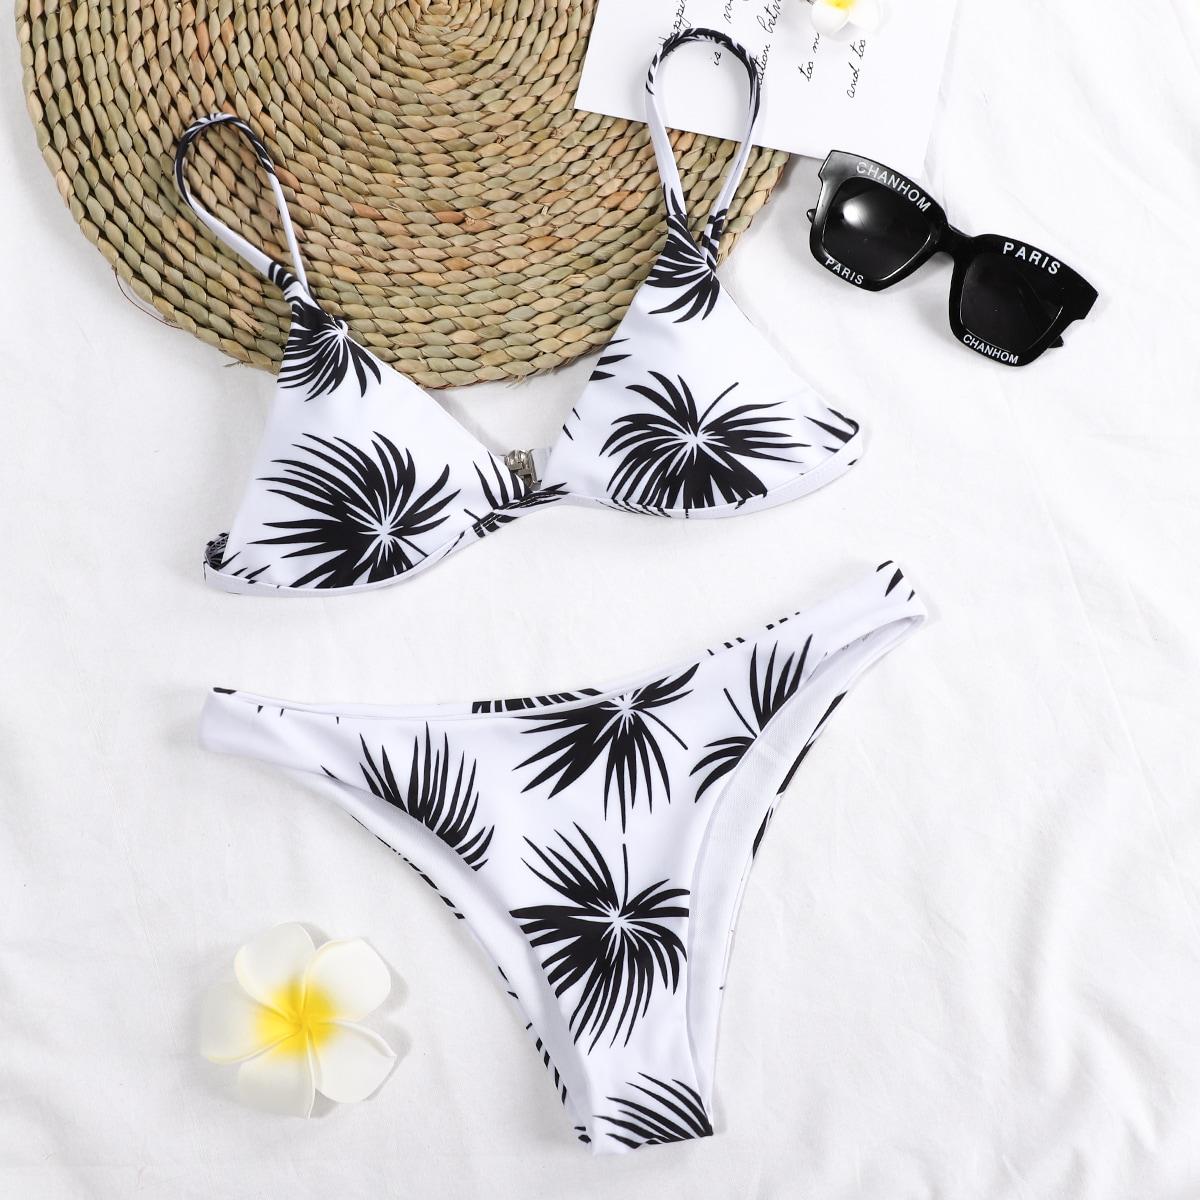 SHEIN / Bañador bikini bragas triángulo con estampado de hoja